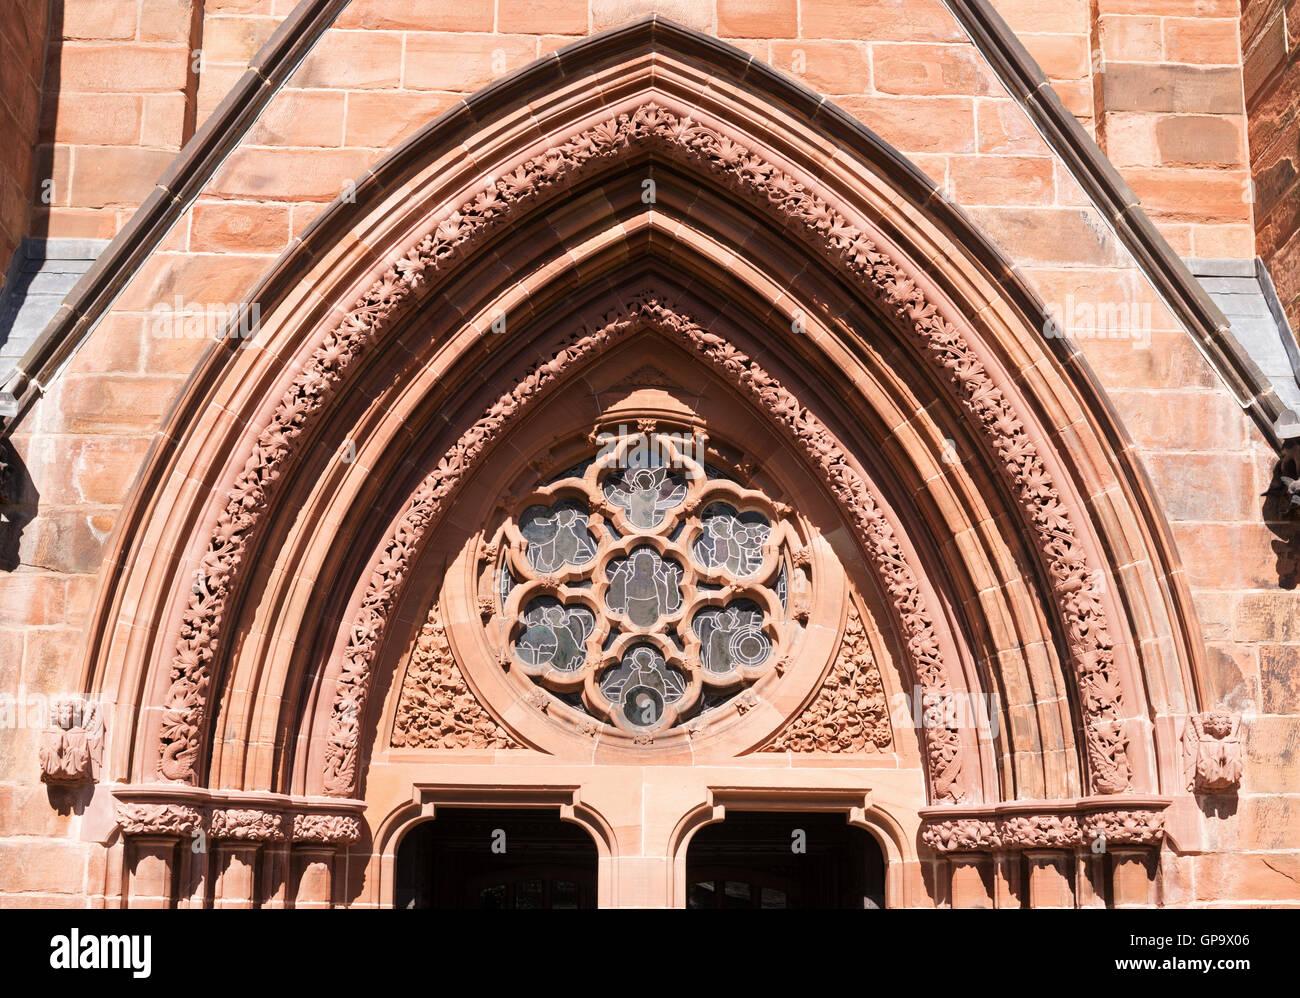 Detailansicht des Fensters und der Bogen über dem Eingang zur Kathedrale von Carlisle, Cumbria, England, UK Stockfoto